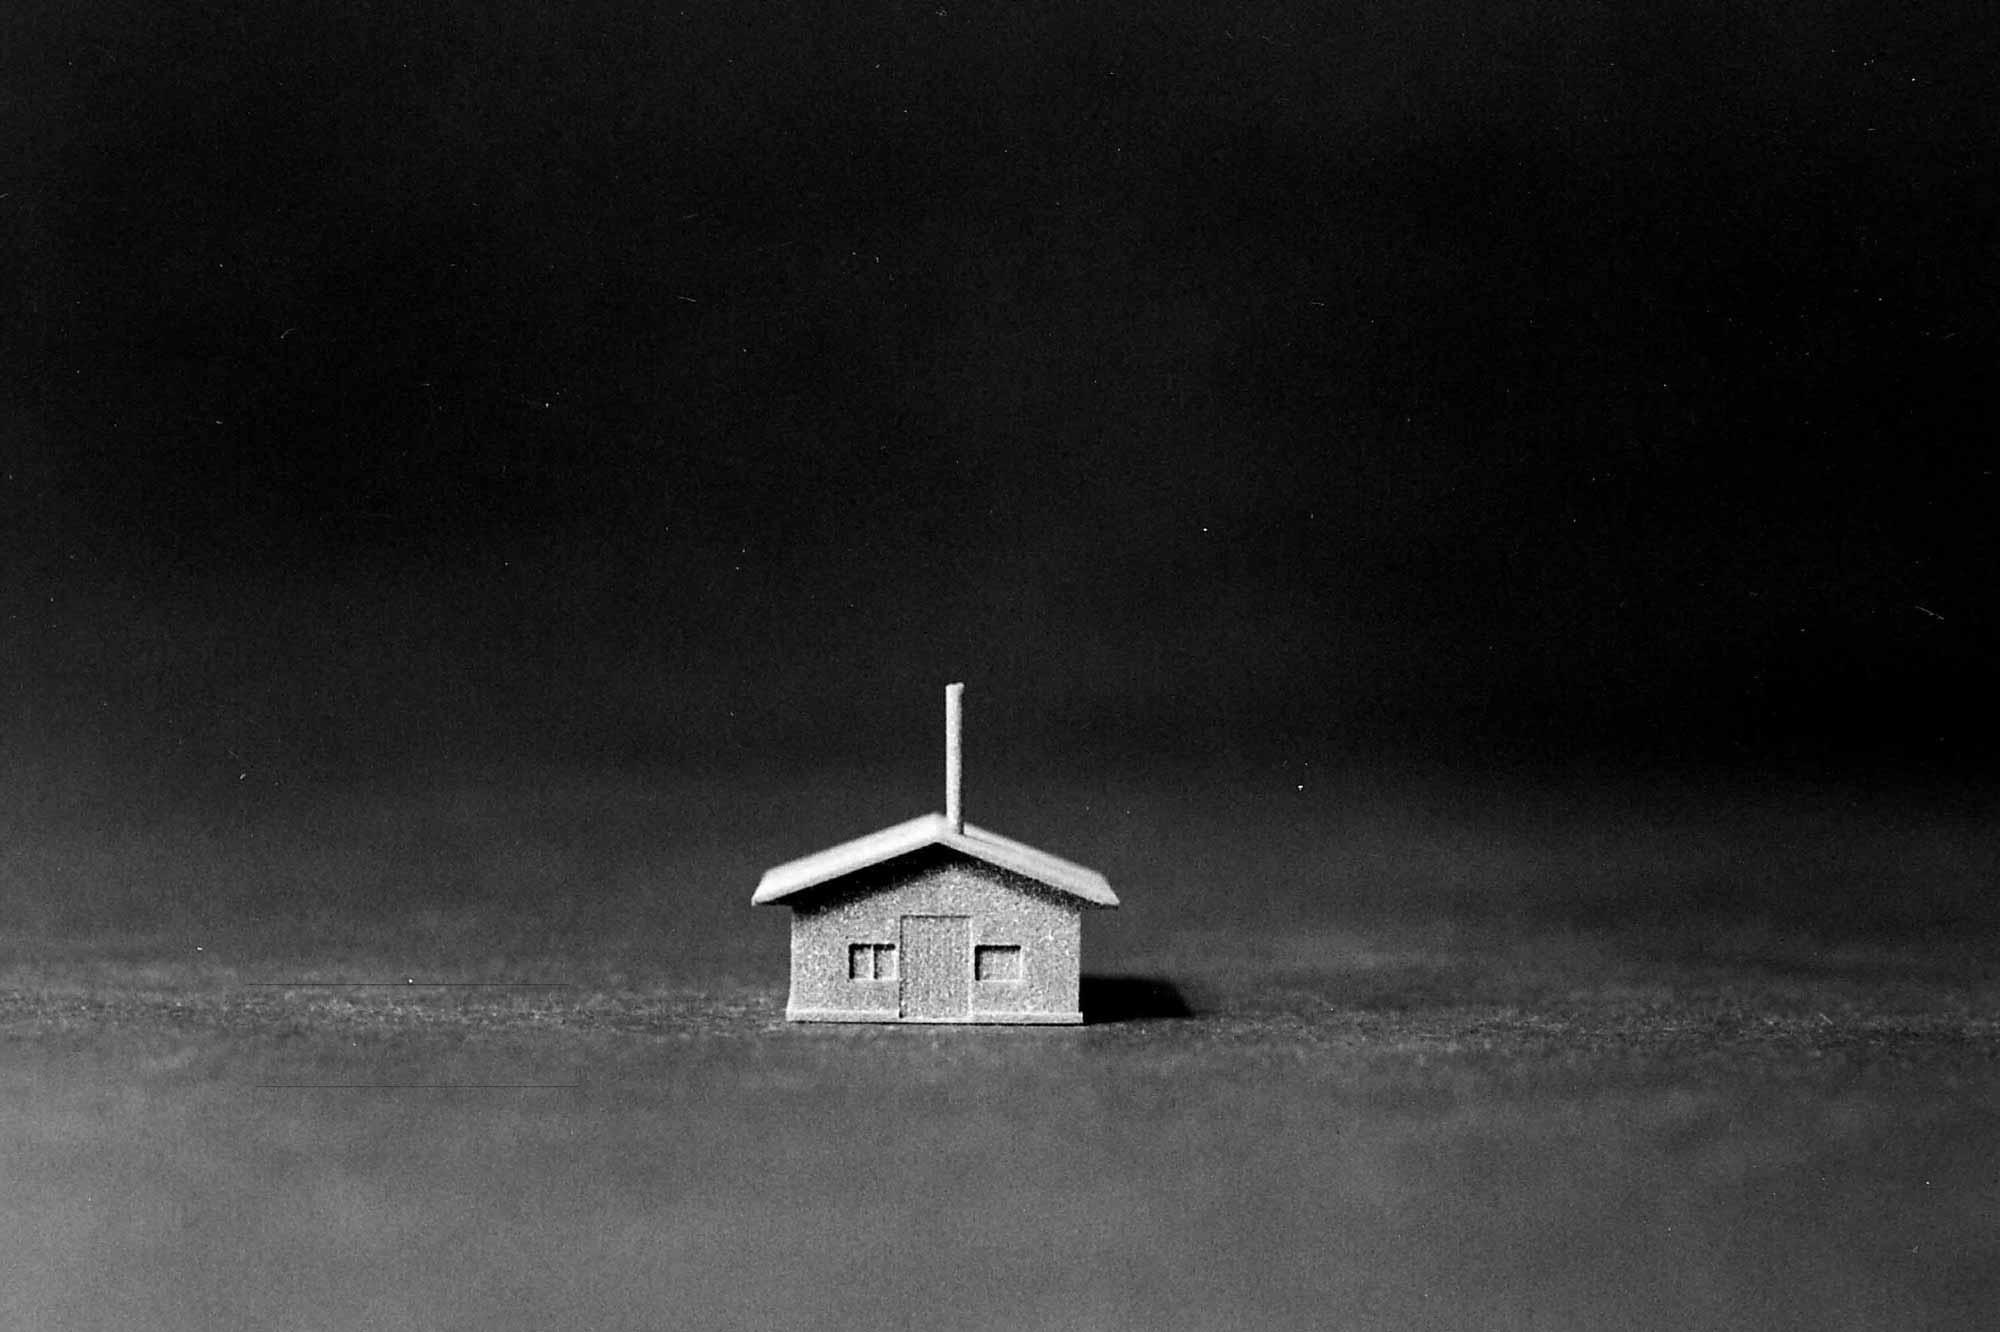 Verhör im Licht, Fotodokumentation, altes Krematorium